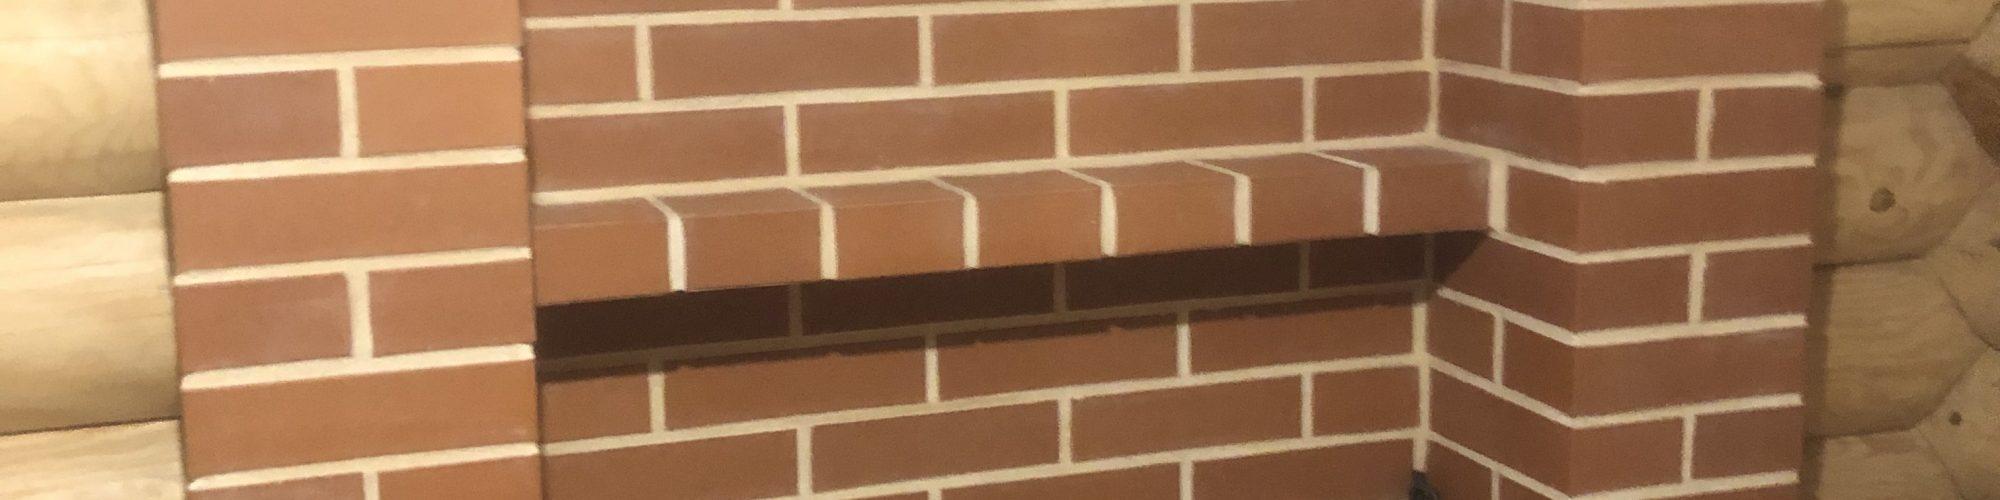 Печь Везувий через стену.